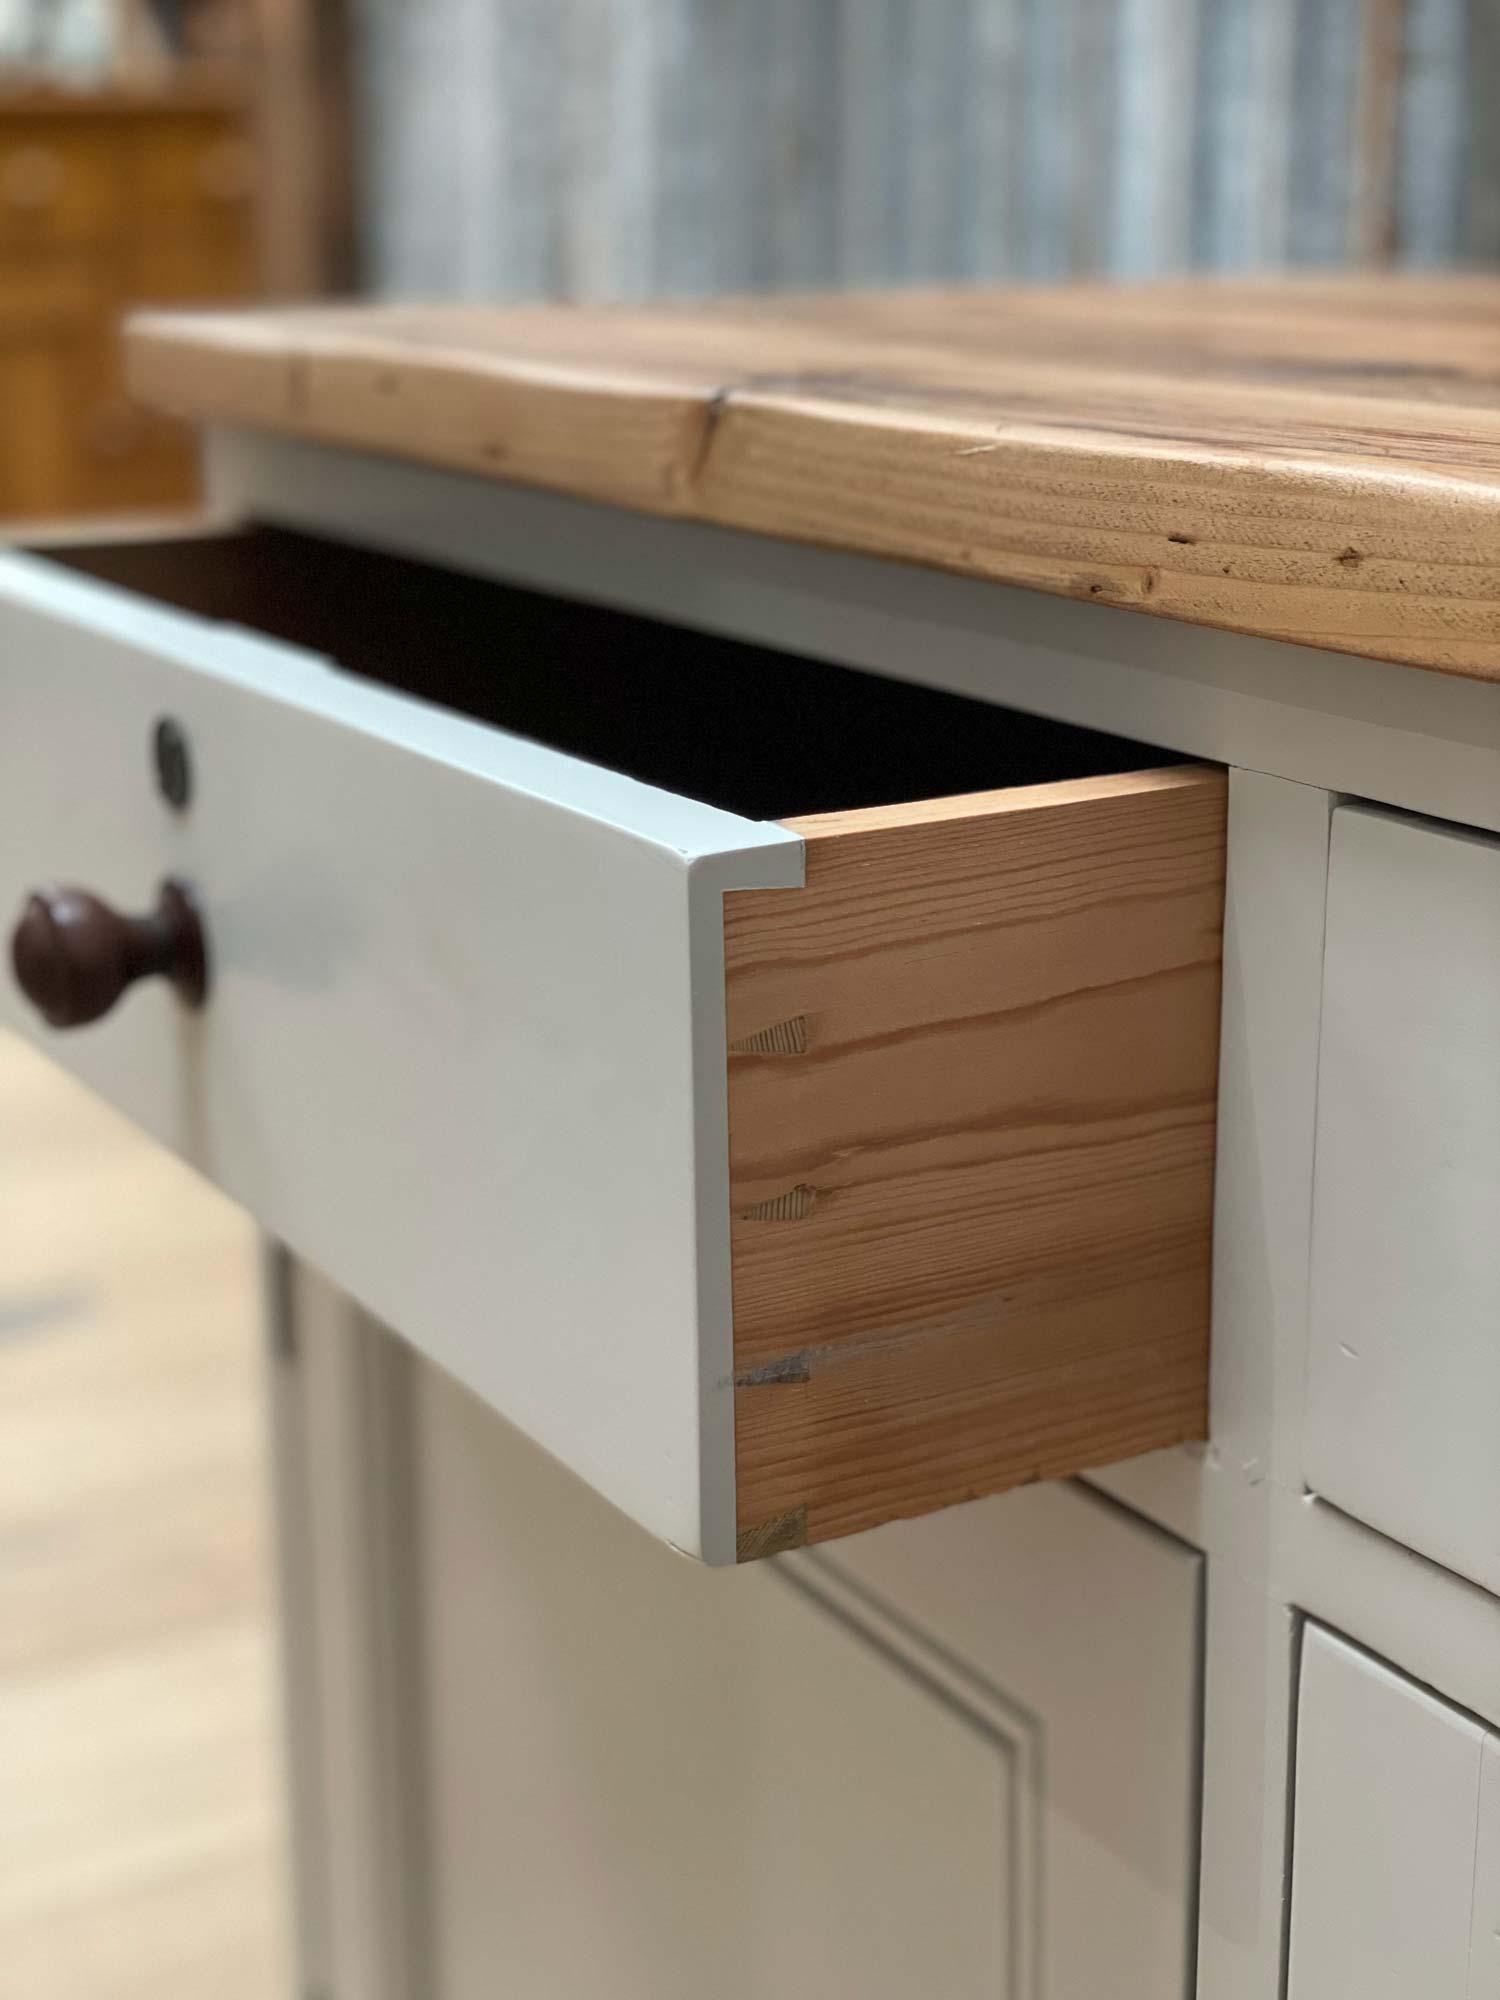 Original drawer dovetail detail